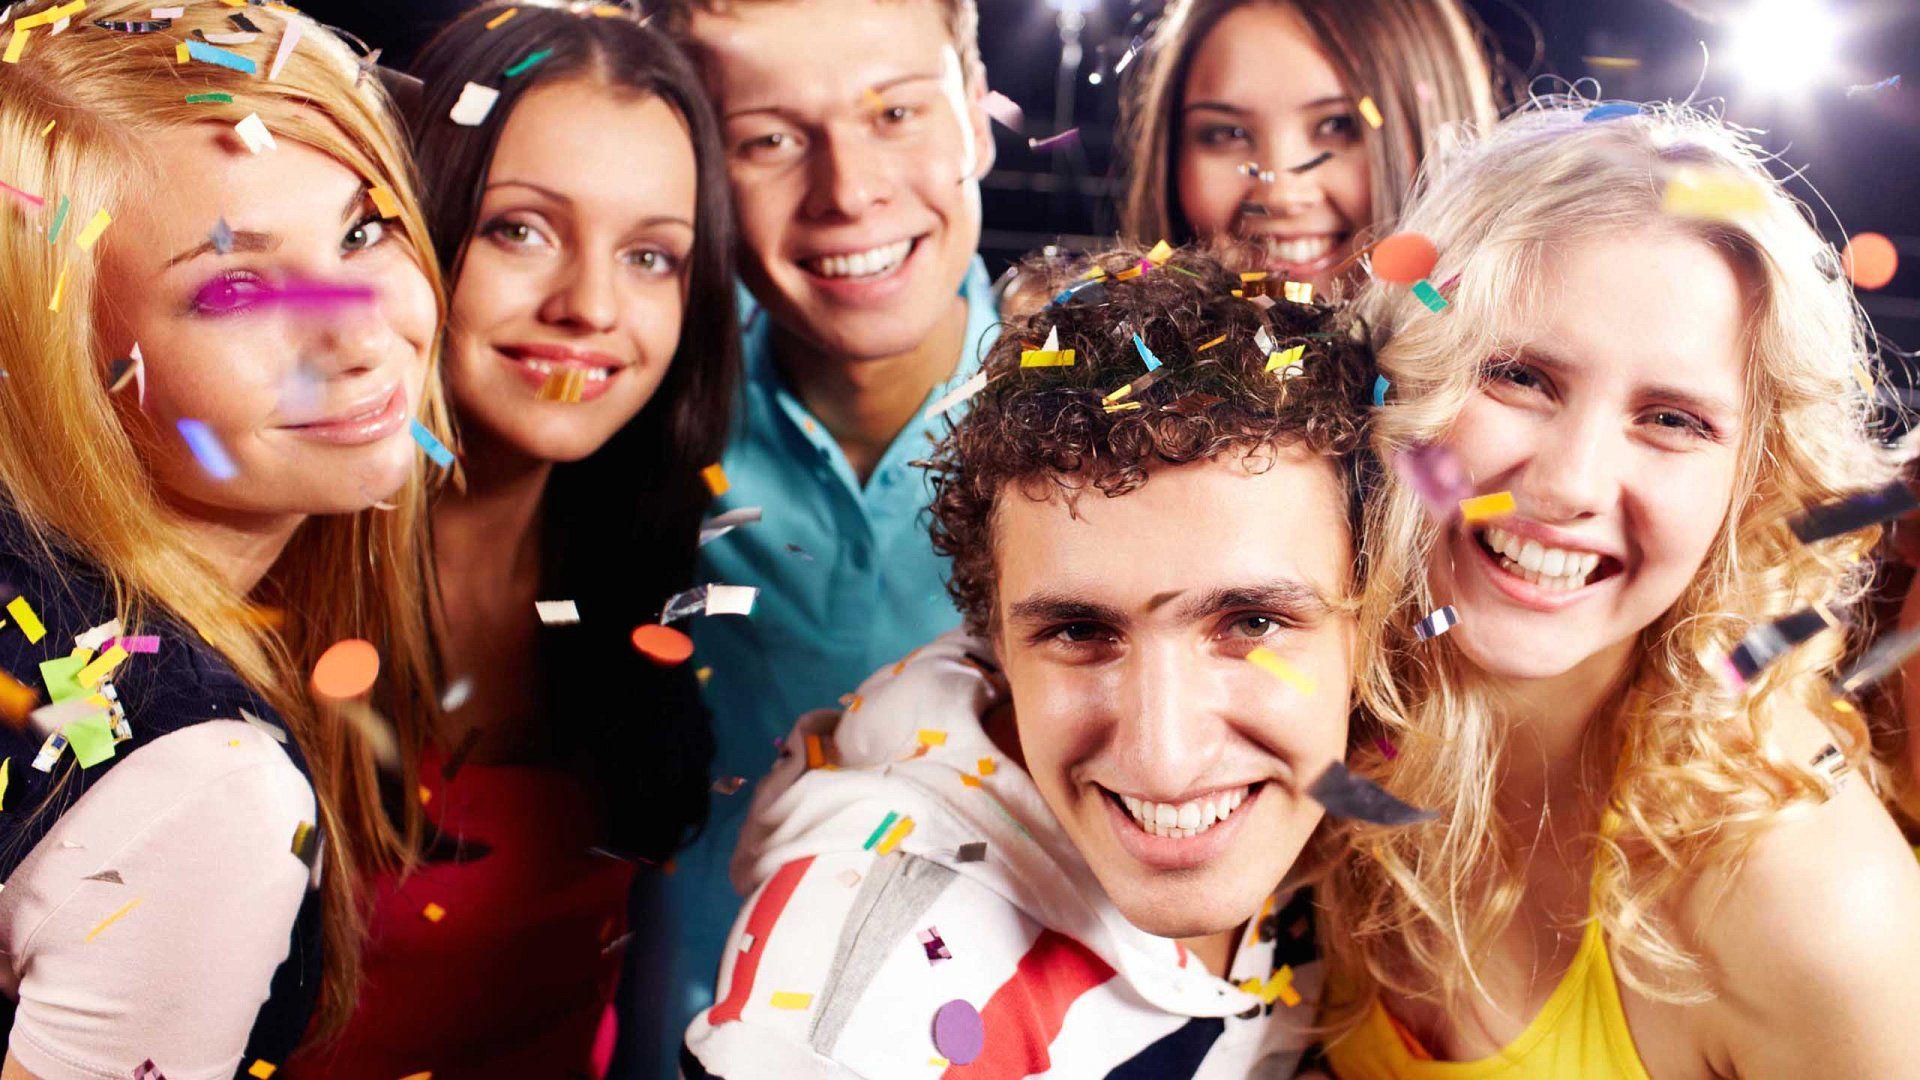 Студенты на вечеринке 25 фотография